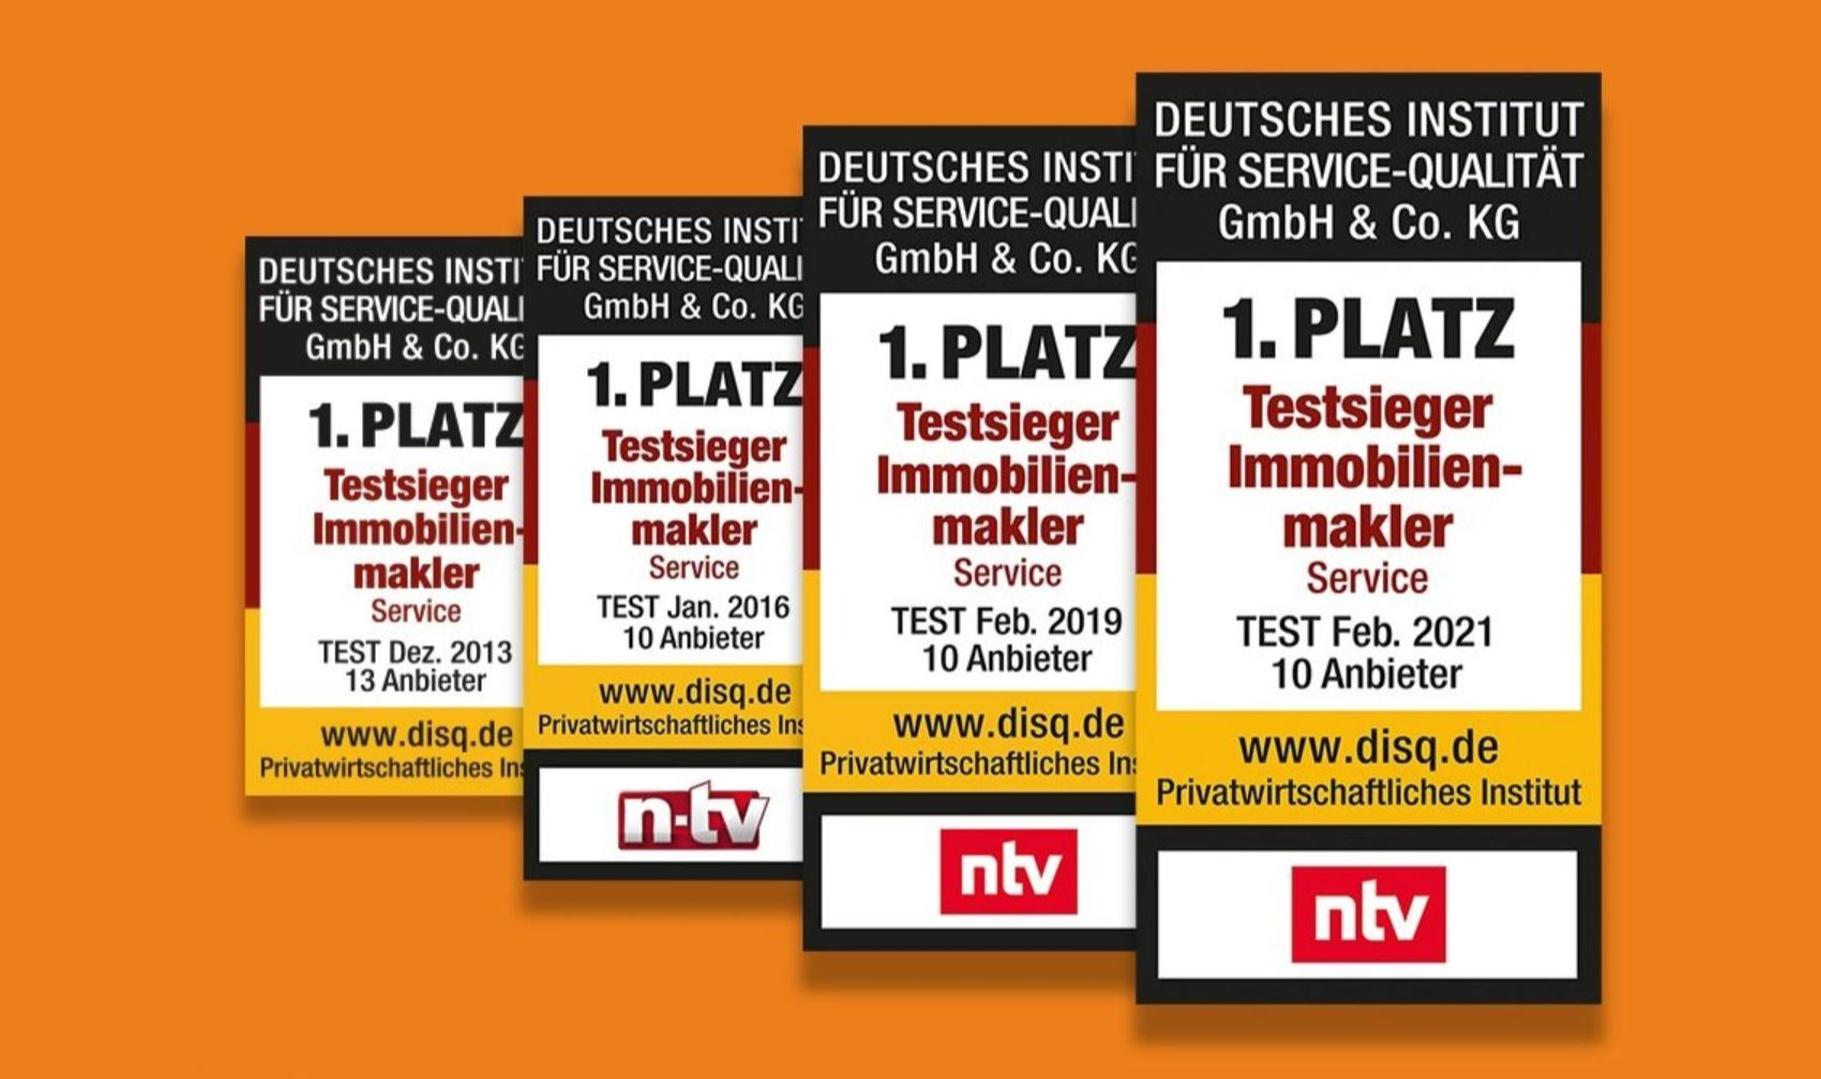 Erneuter Testsieg: Bester deutscher Immobilienmakler